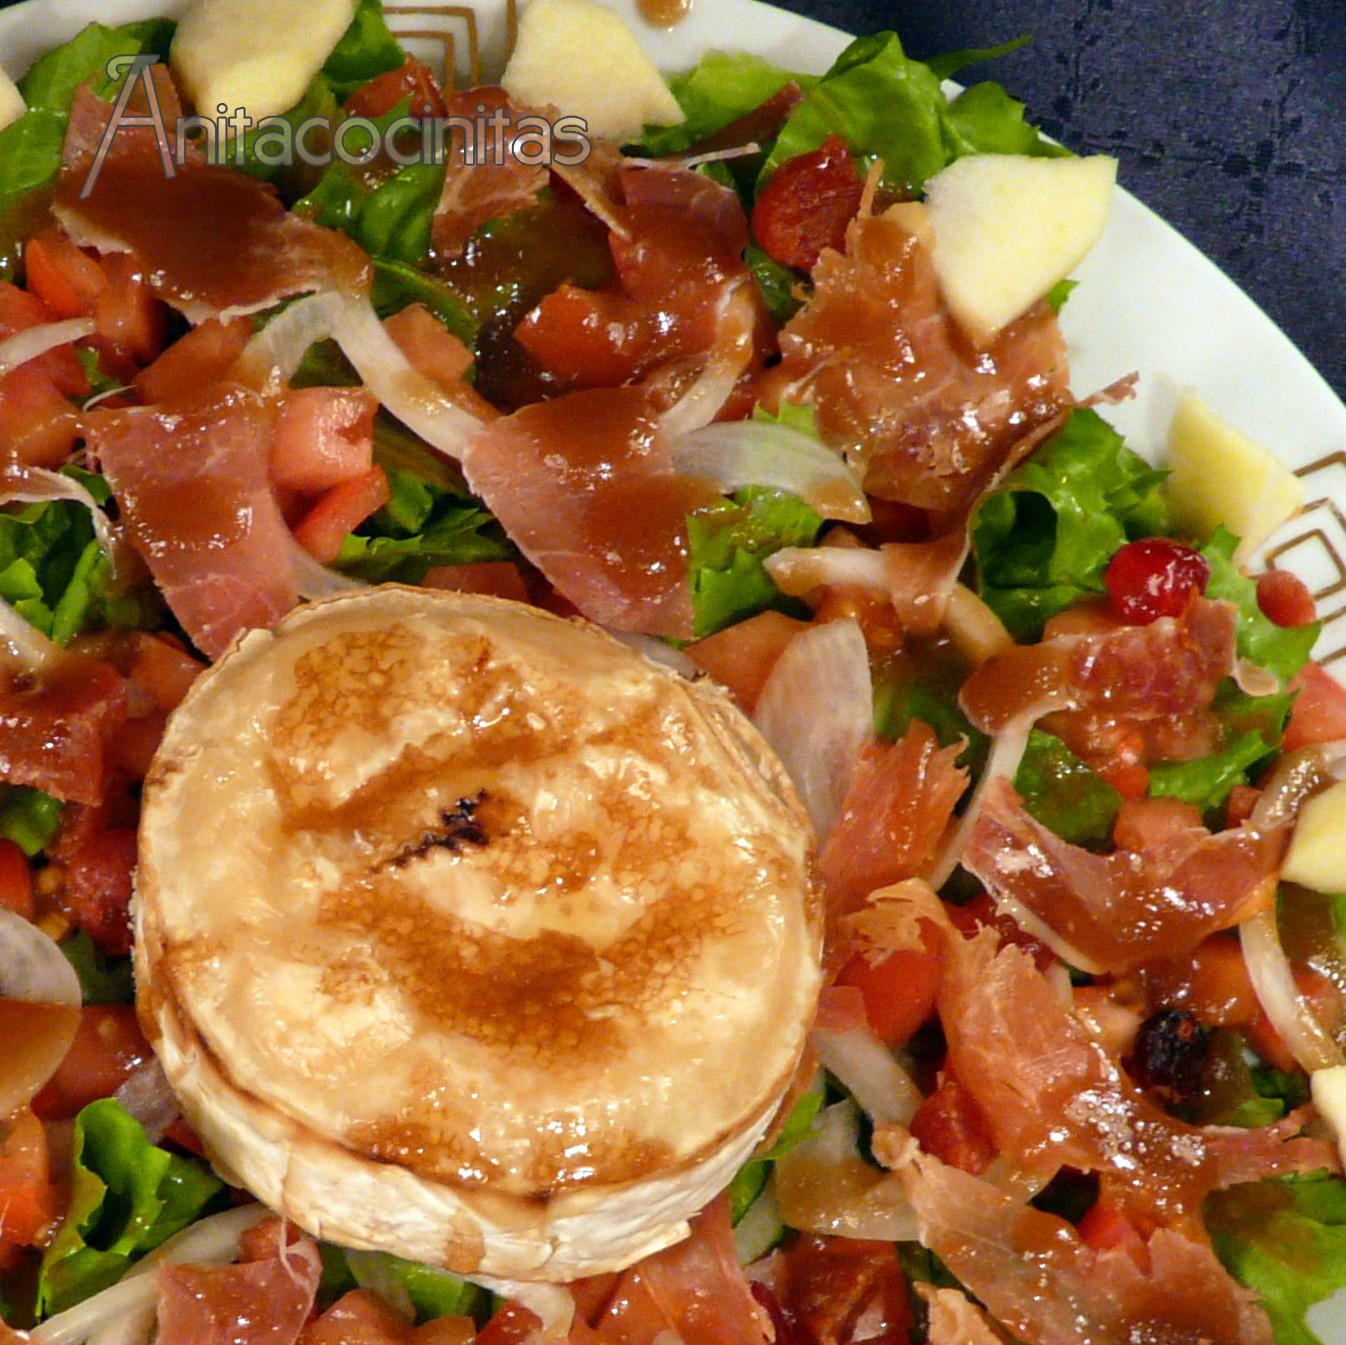 Ensalada de queso de cabra gratinado y tomates confitados